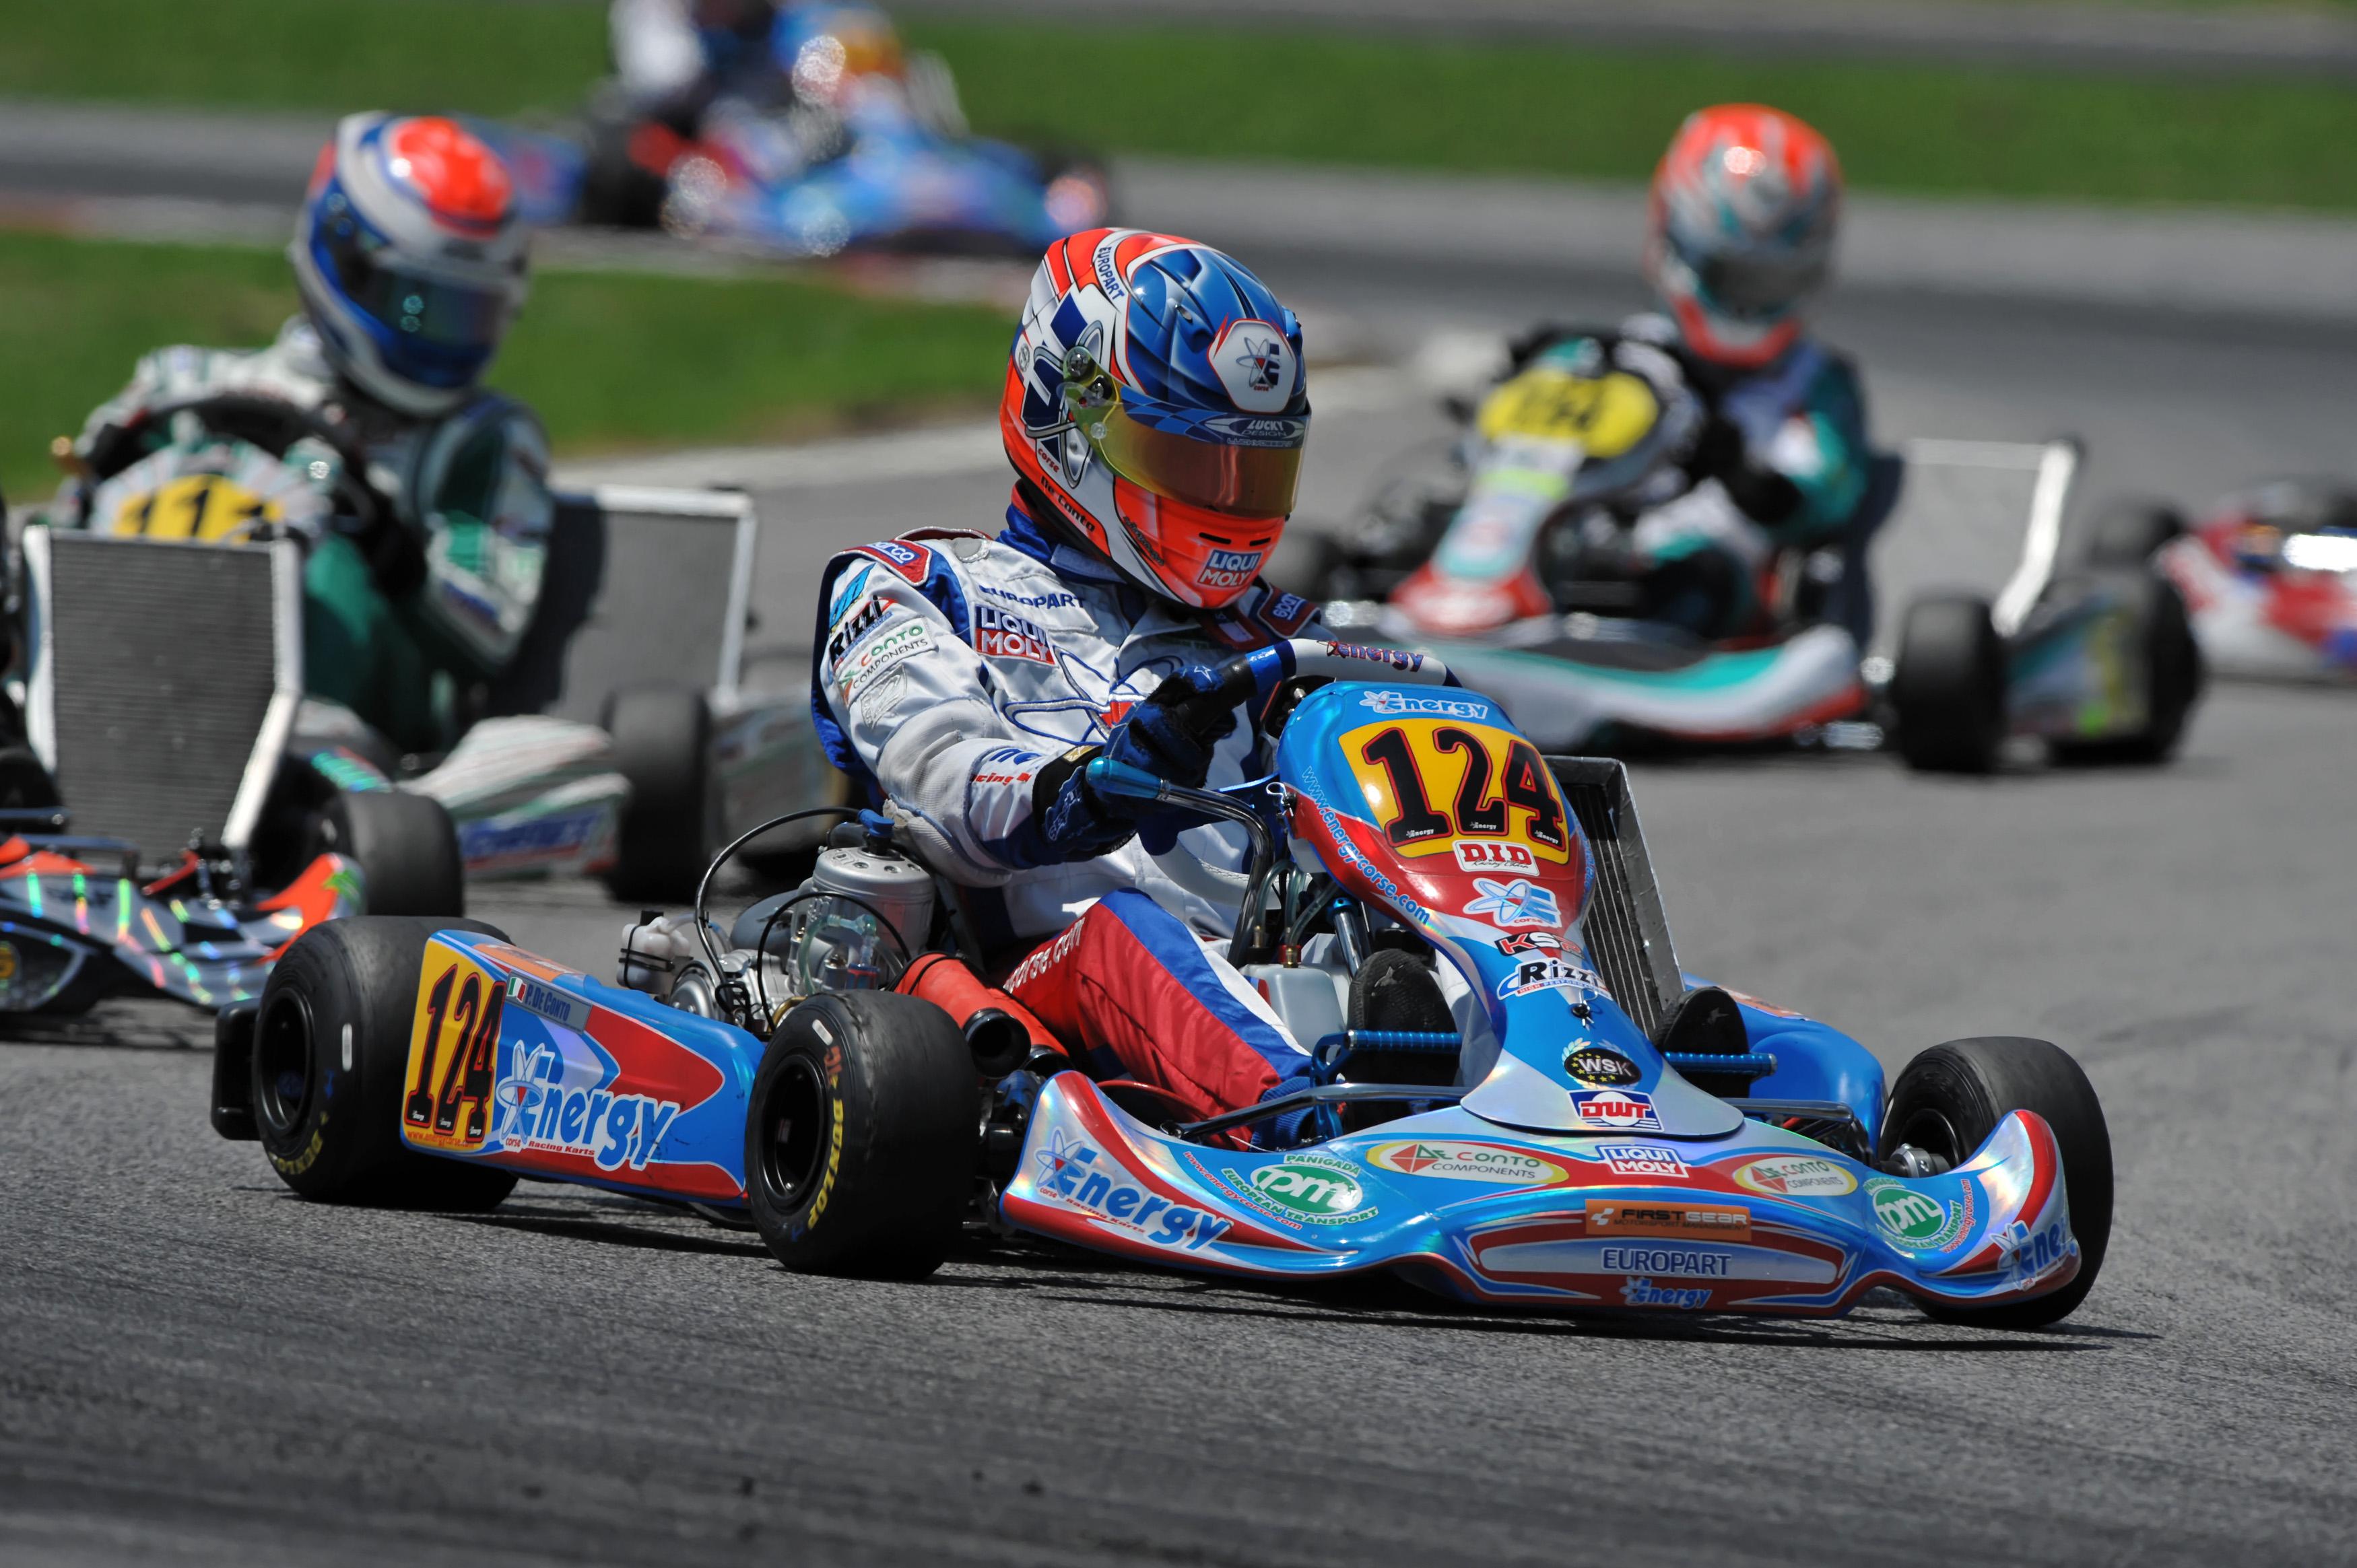 Circuito Karting : Karting i risultati del campionato regionale sul circuito